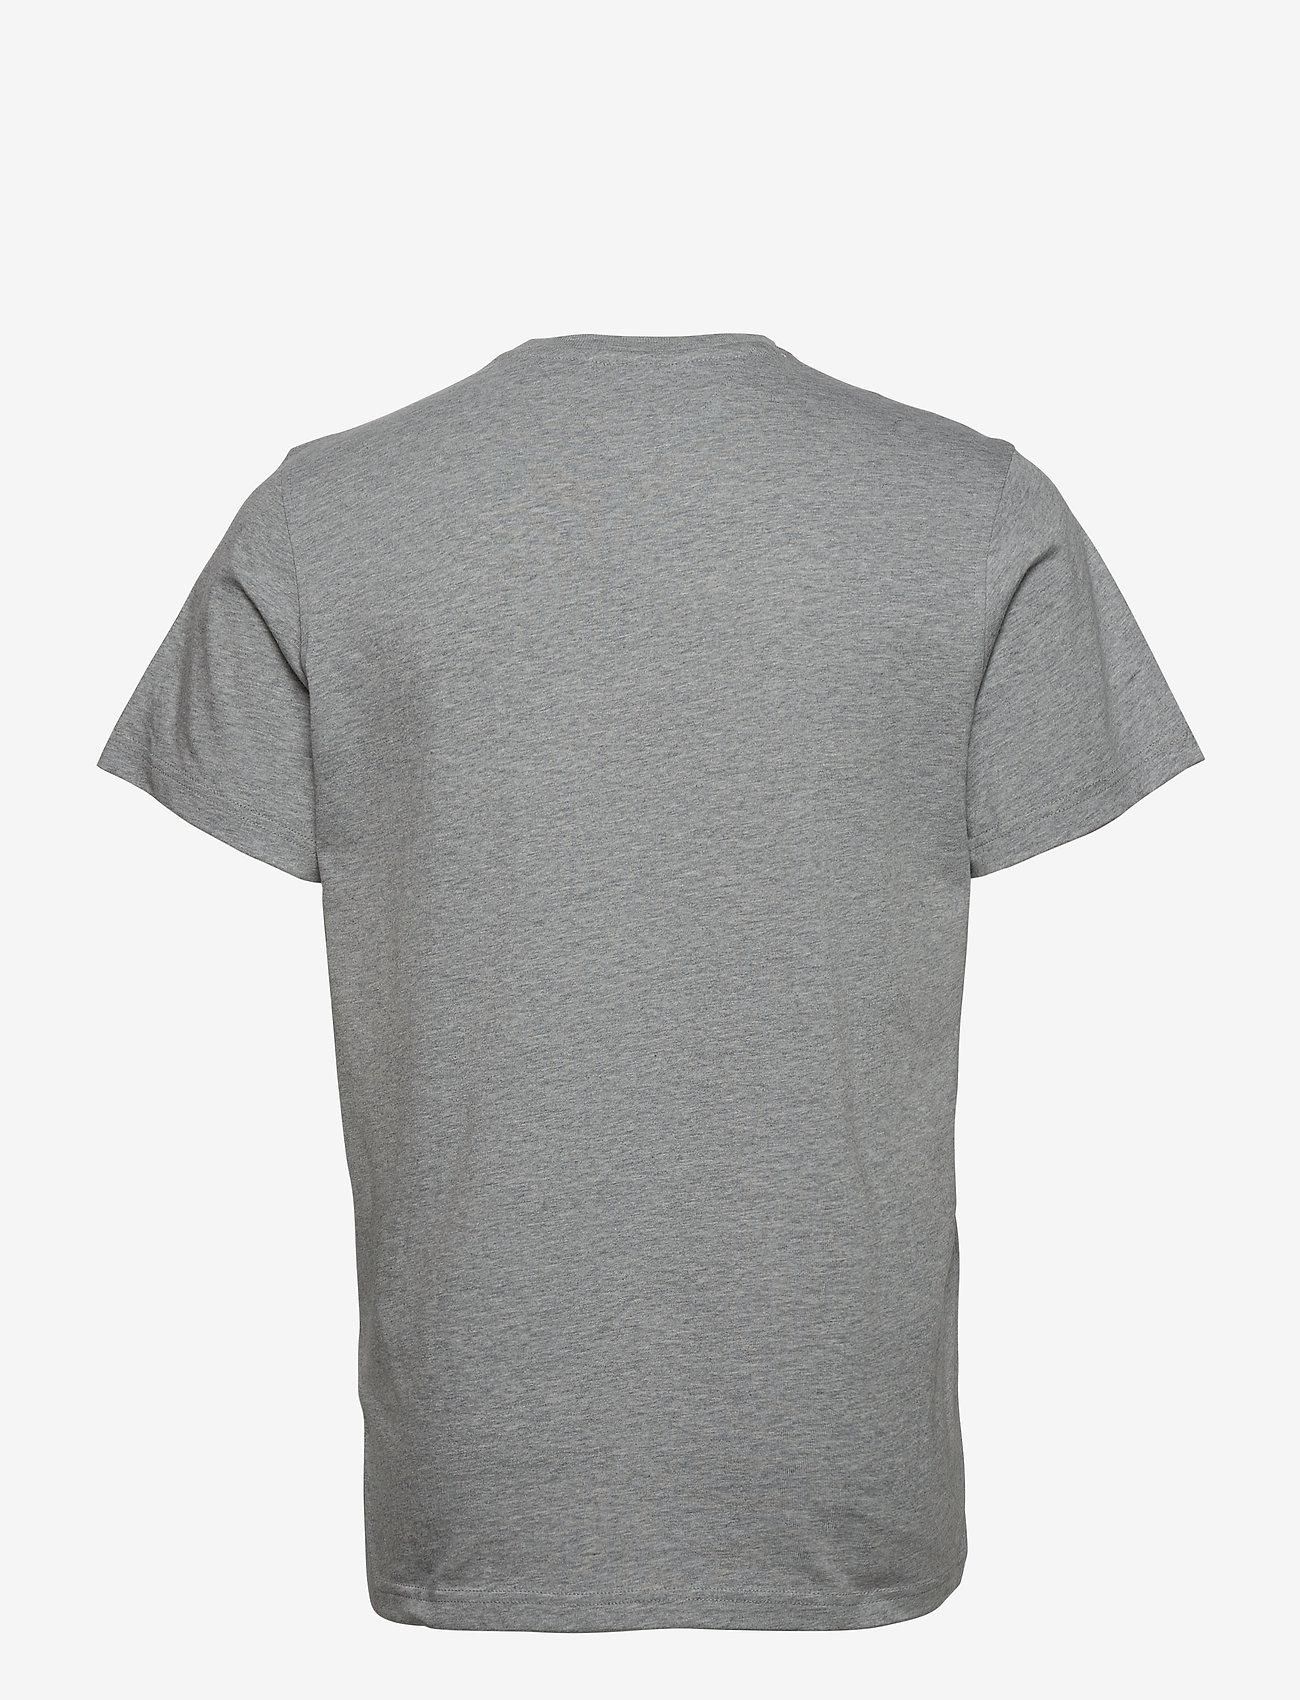 Tommy Jeans - TJM REGULAR CORP LOGO C NECK - basic t-shirts - lt grey htr - 1